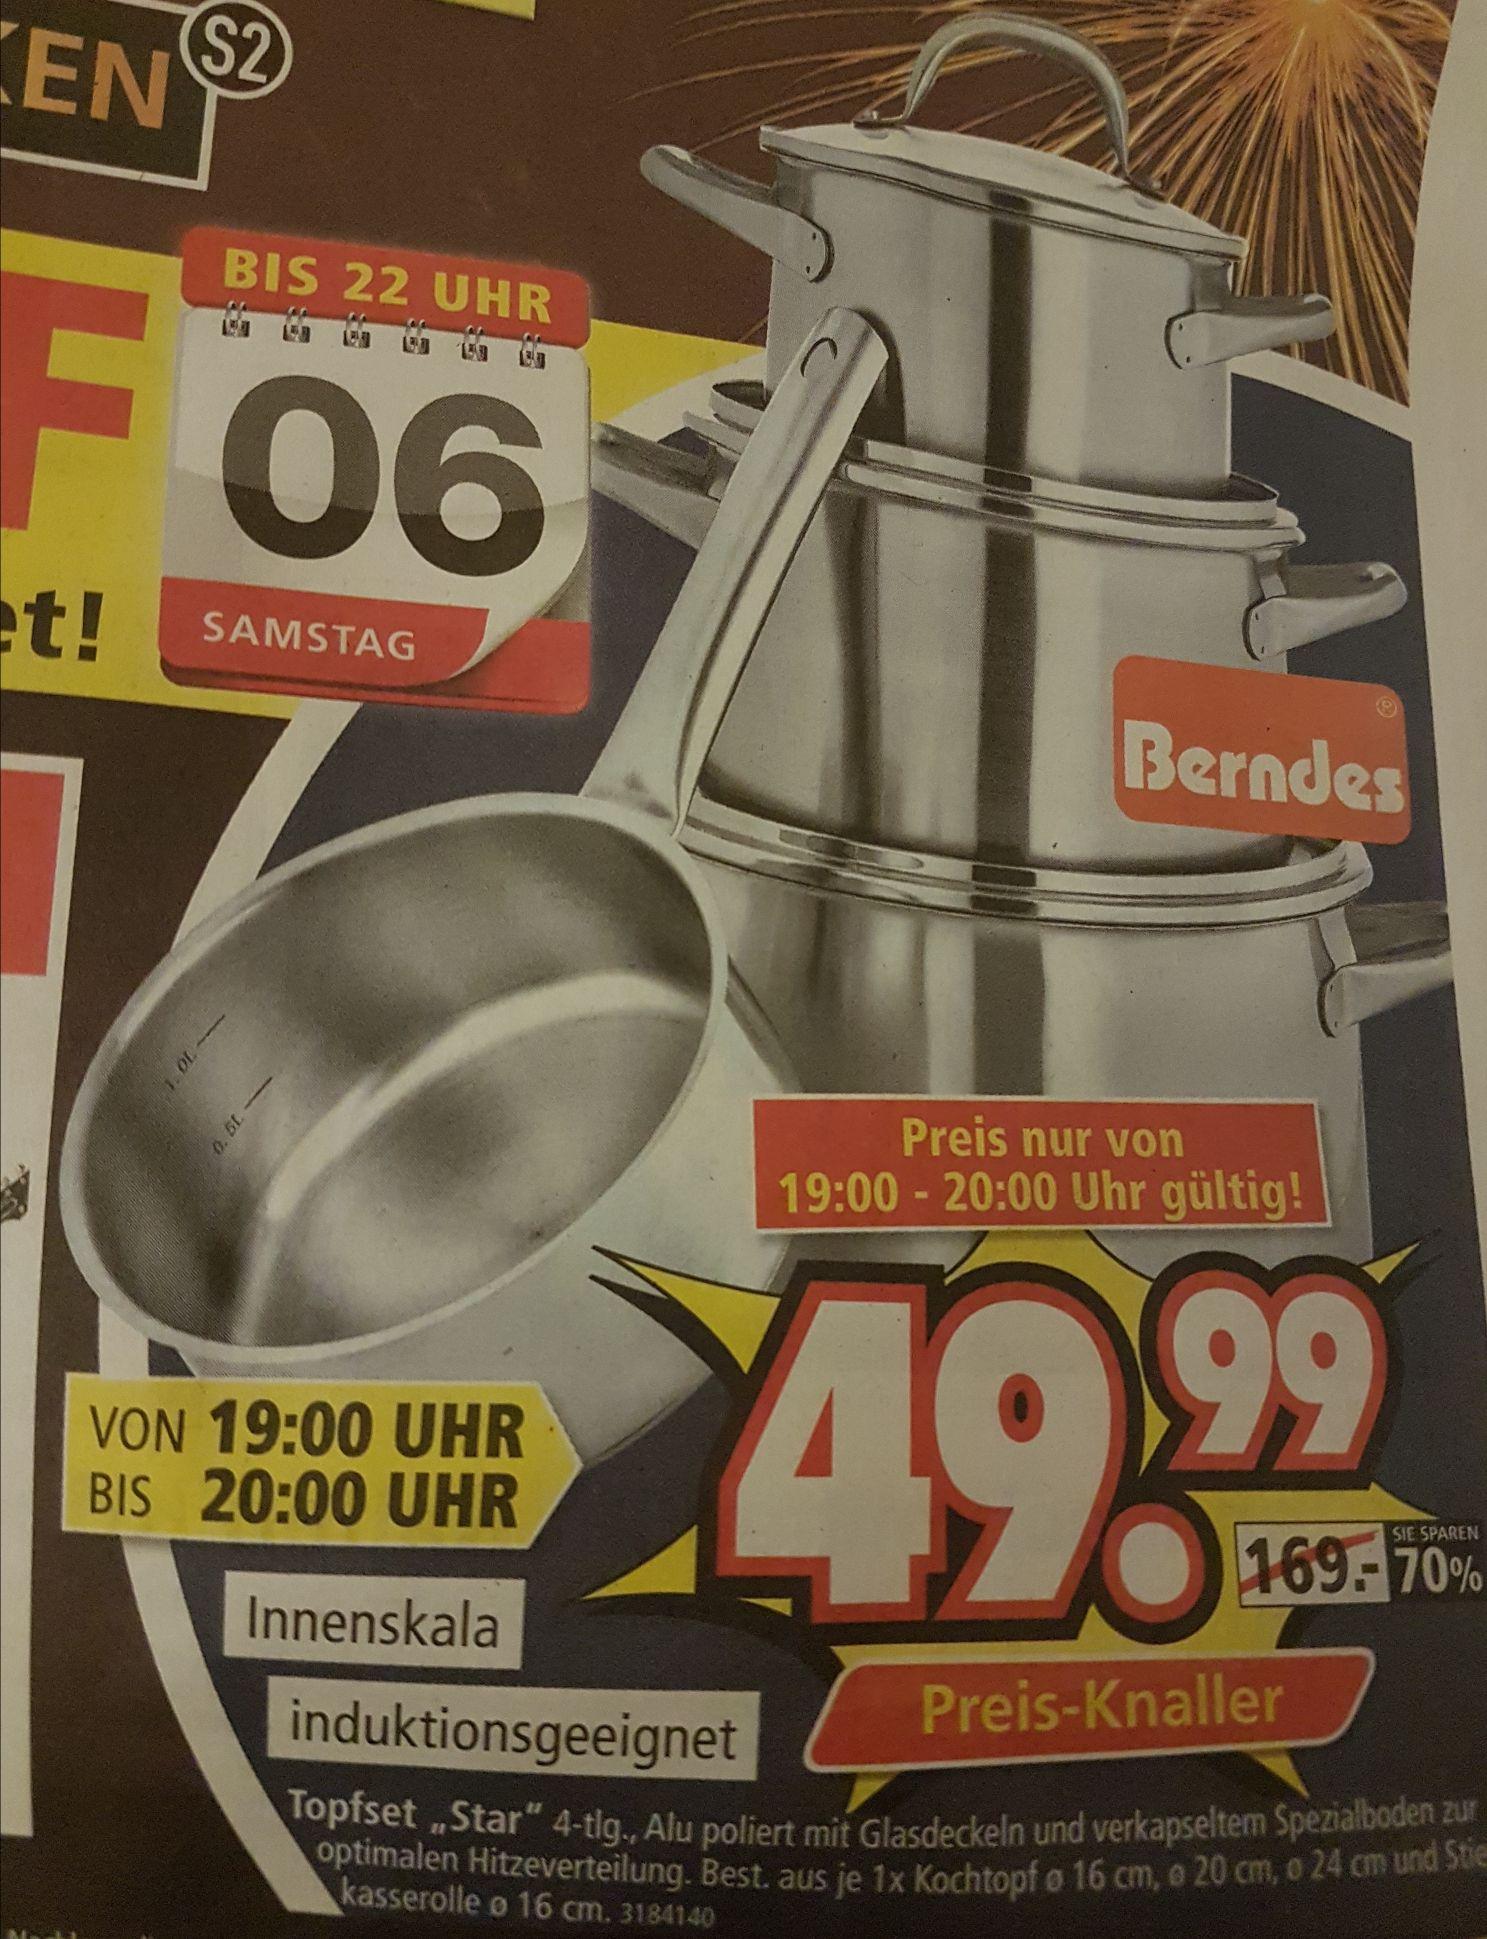 (SEGMÜLLER WEITERSTADT)Topfset Star von Berndes 4 tlg. Induktionsgeeignet 06.01.18 19-20 UHR